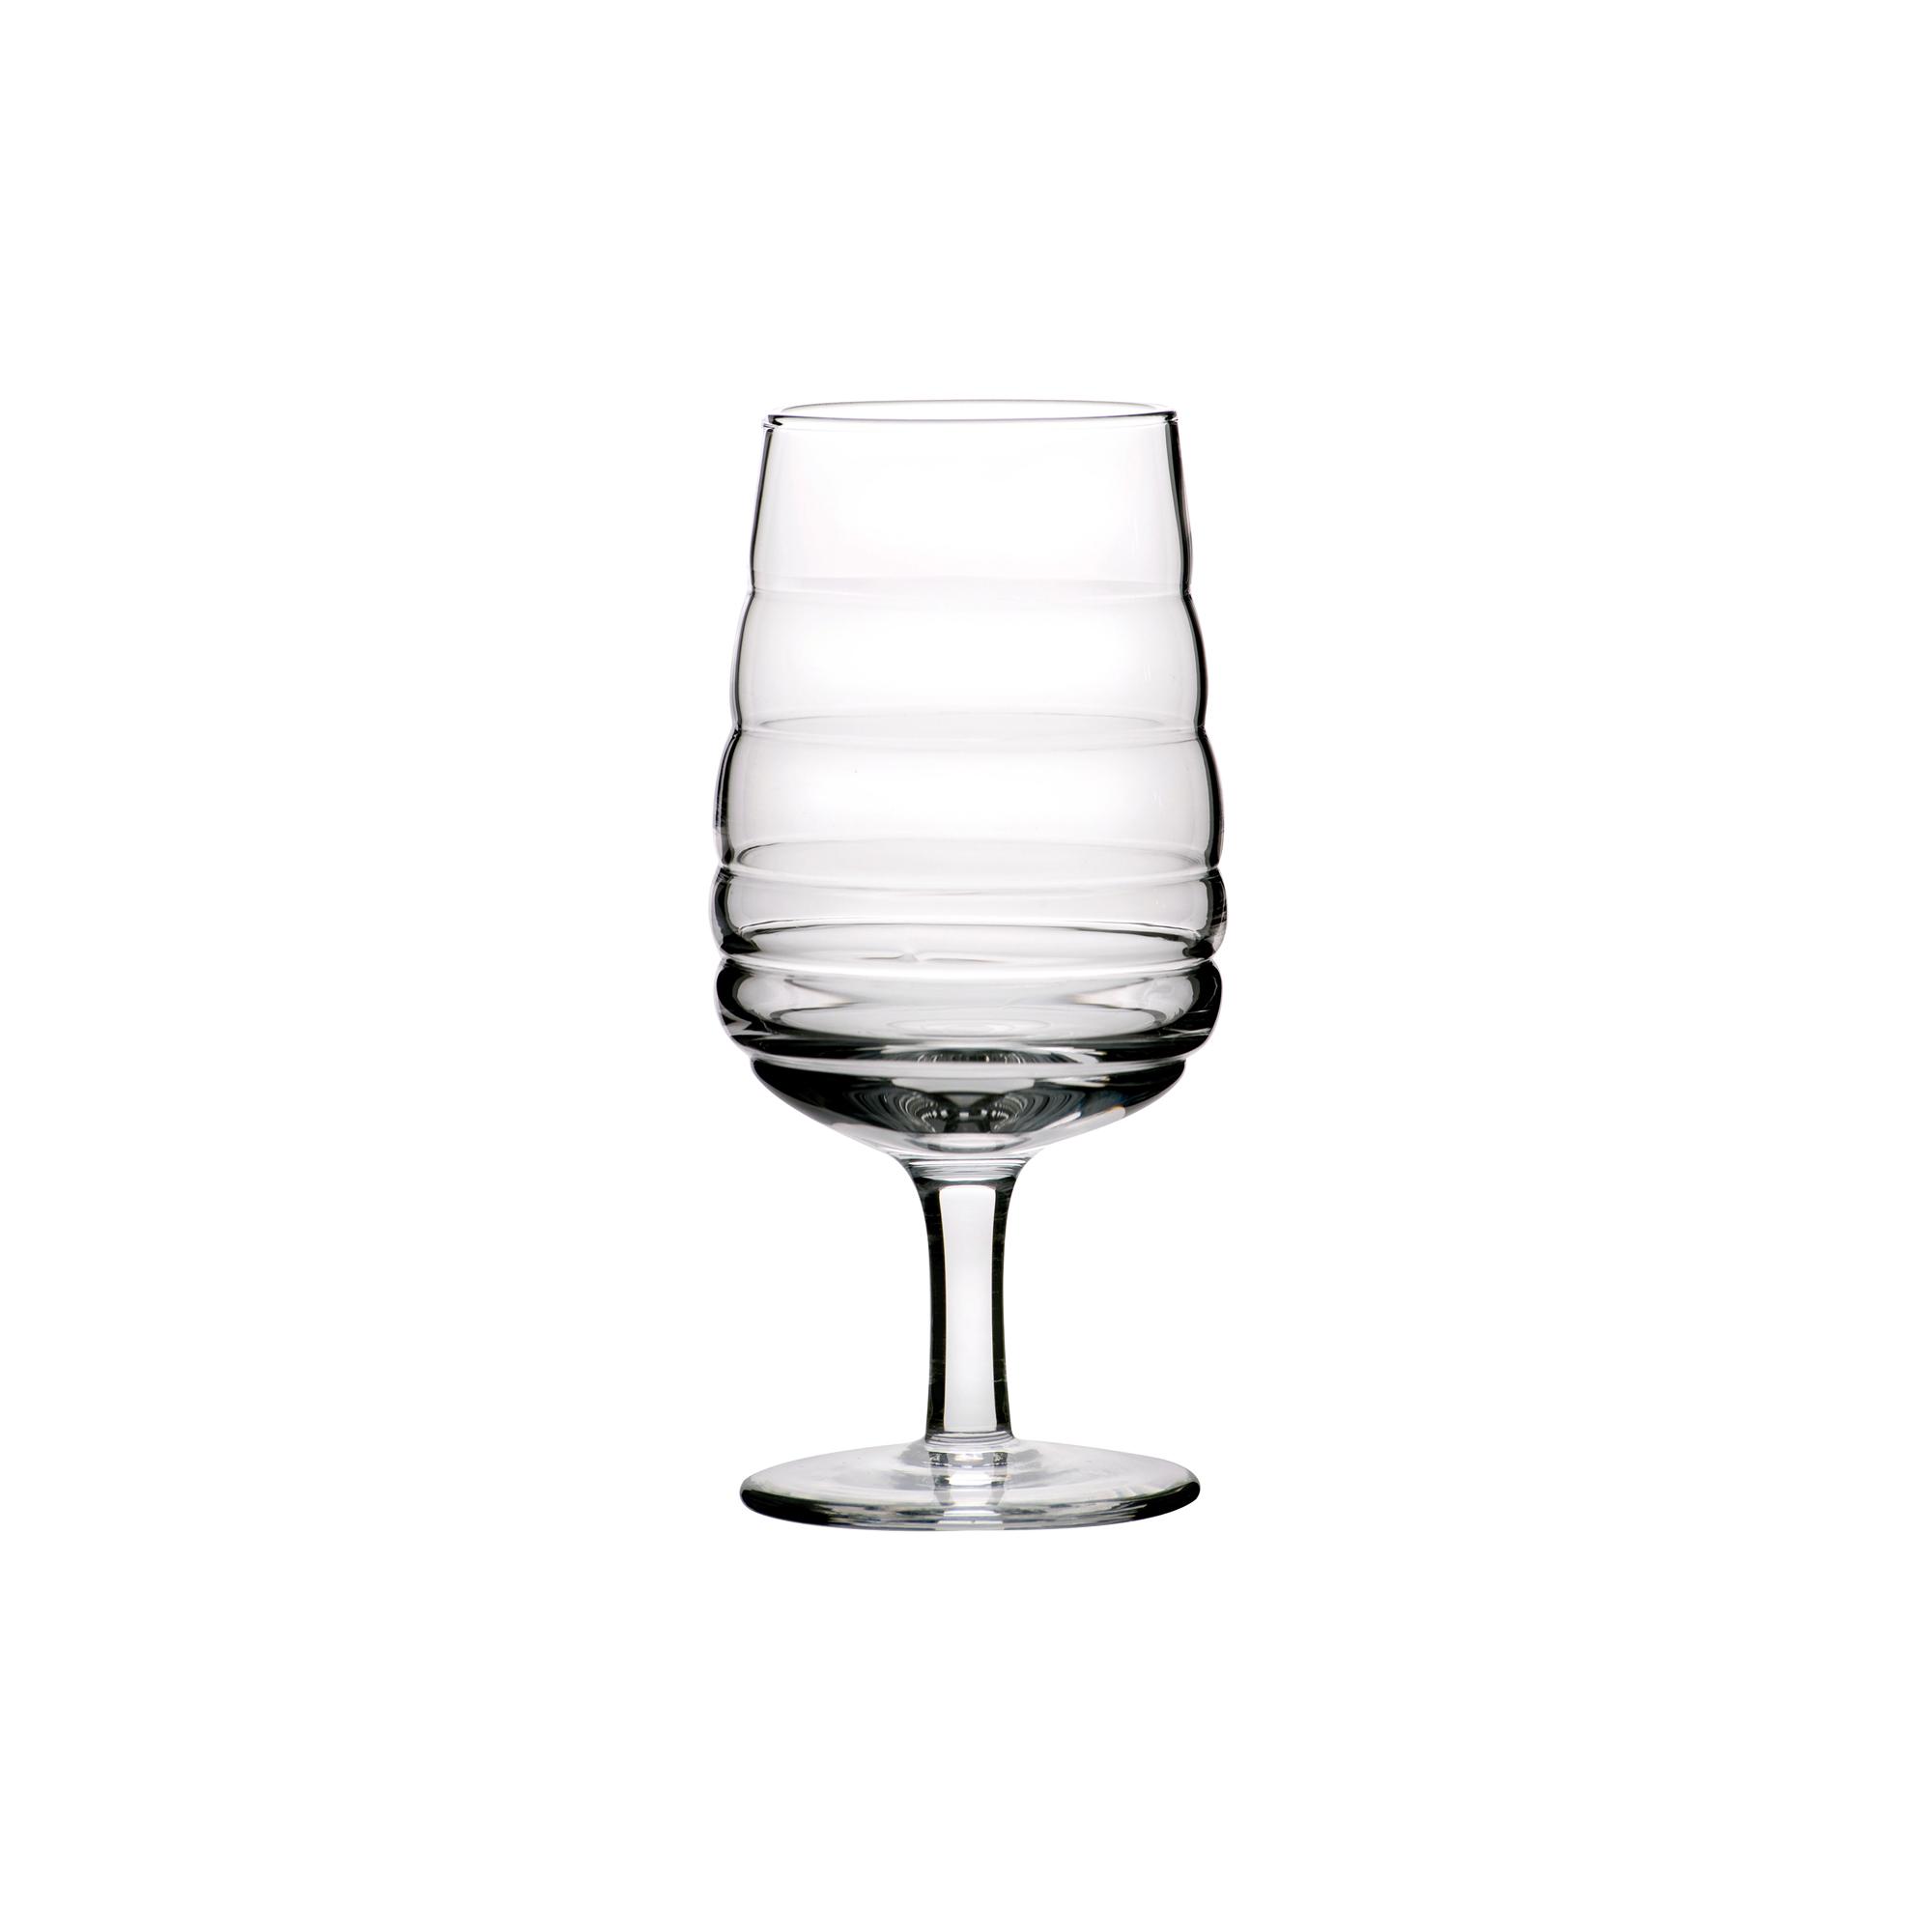 Verre à vin en verre soufflé bouche 25 cl - Lot de 6